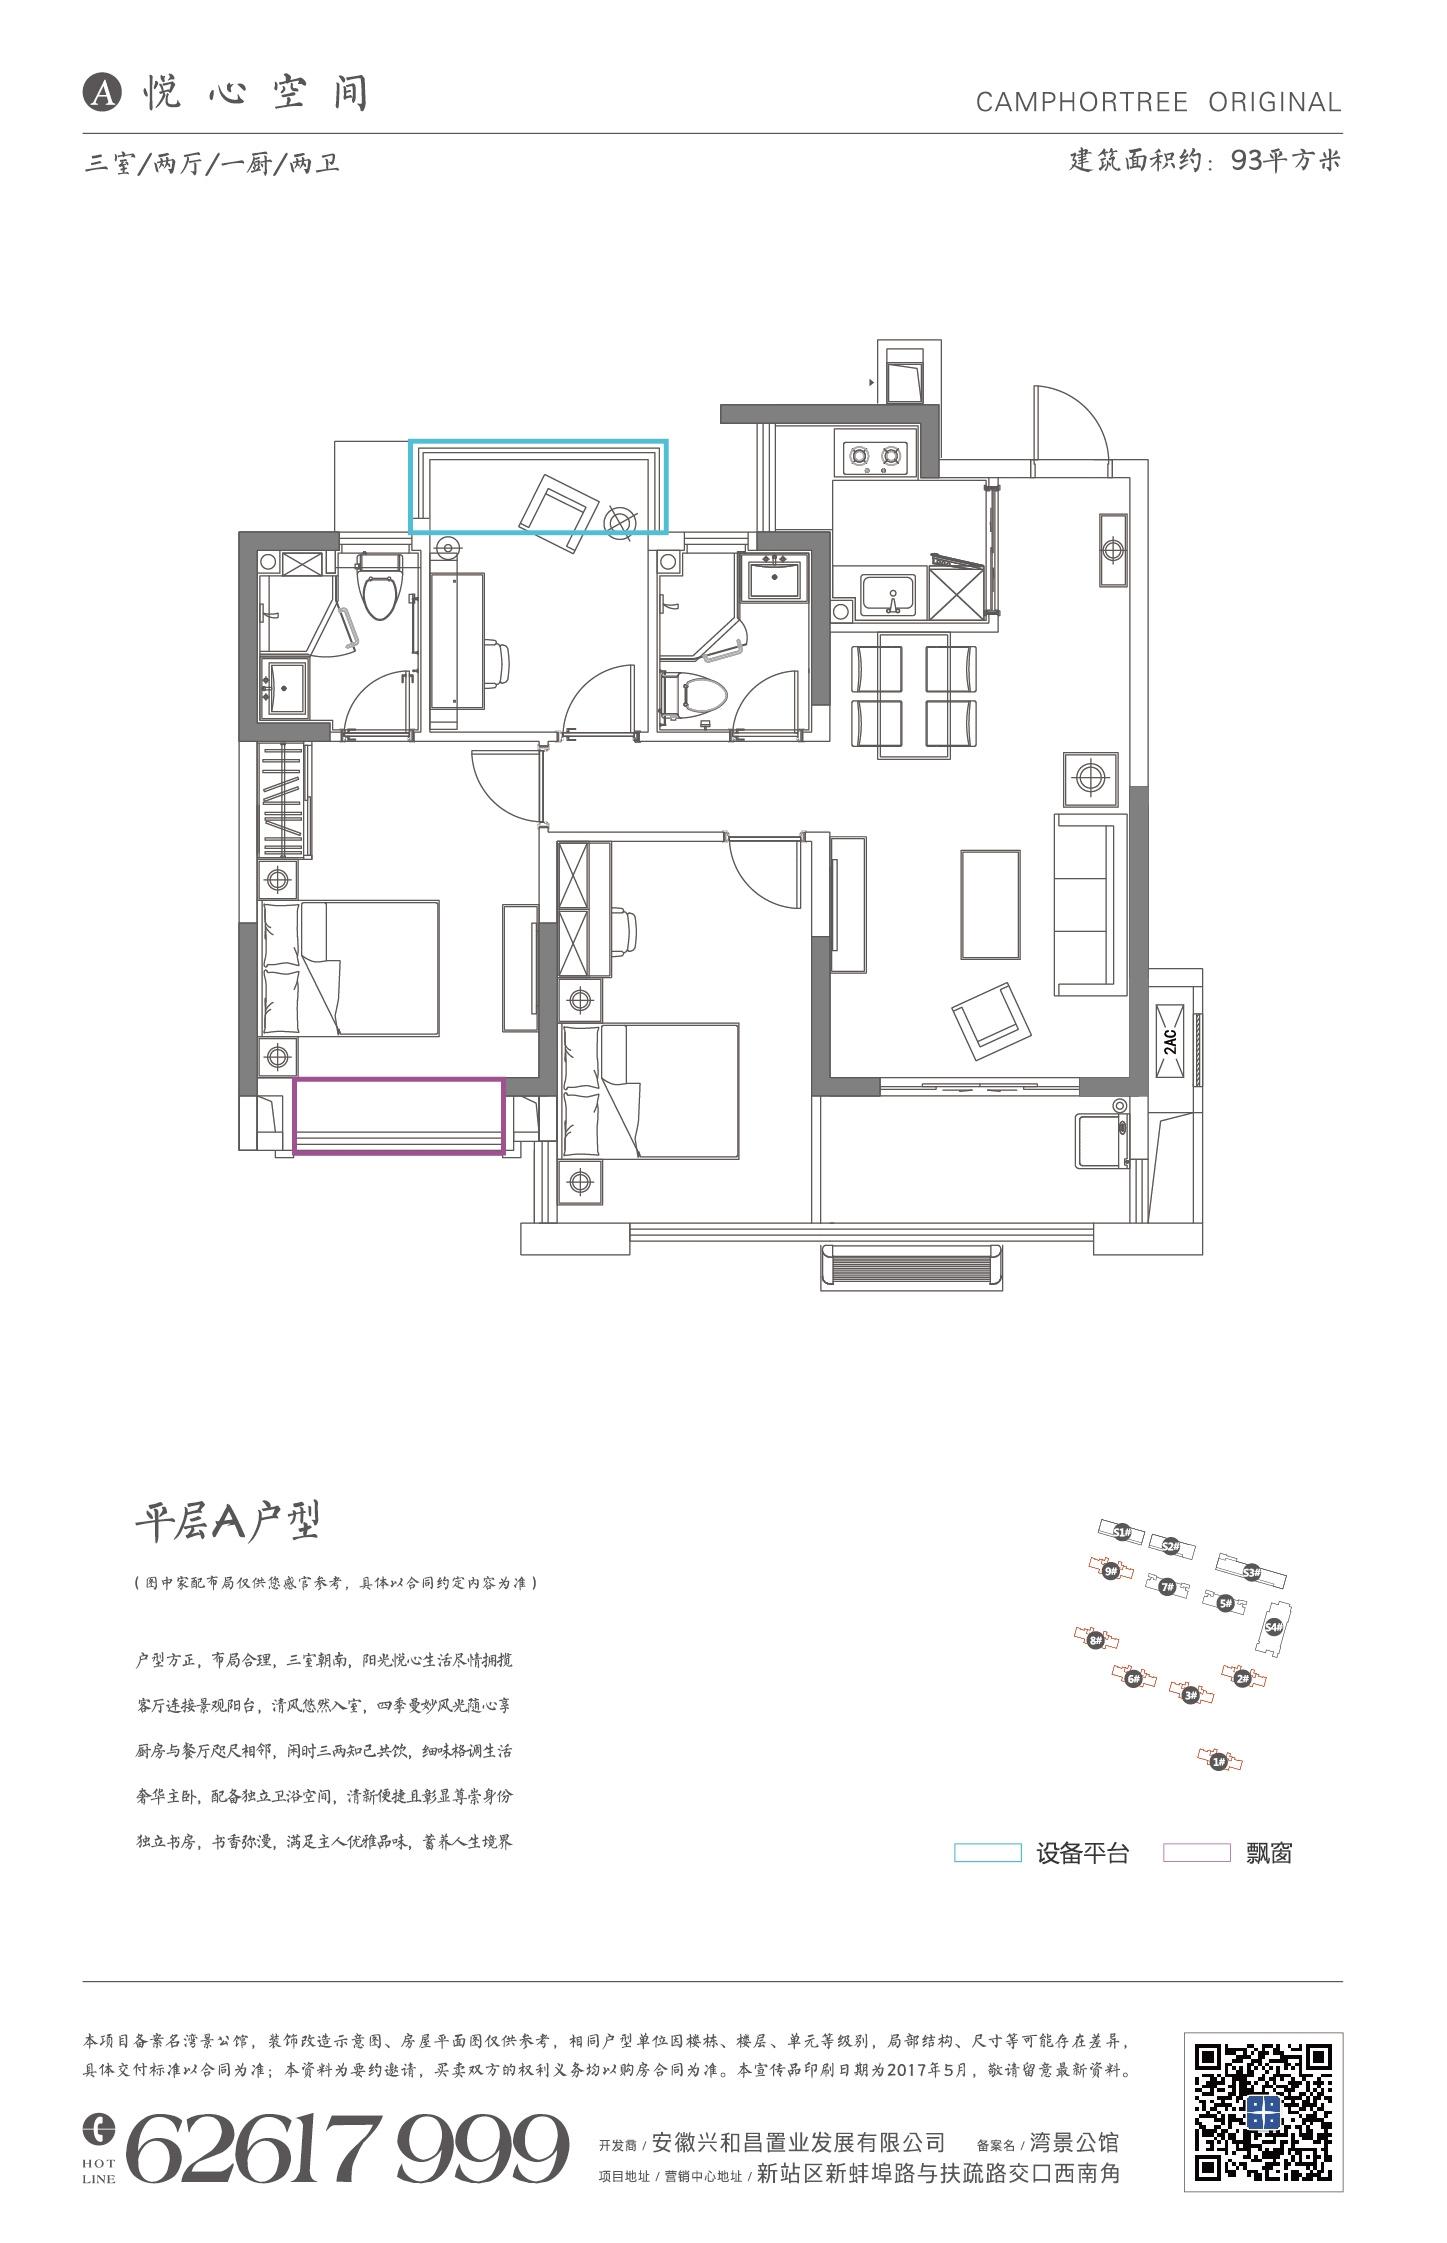 和昌香樟原著A户型93平米三室两厅一厨两卫